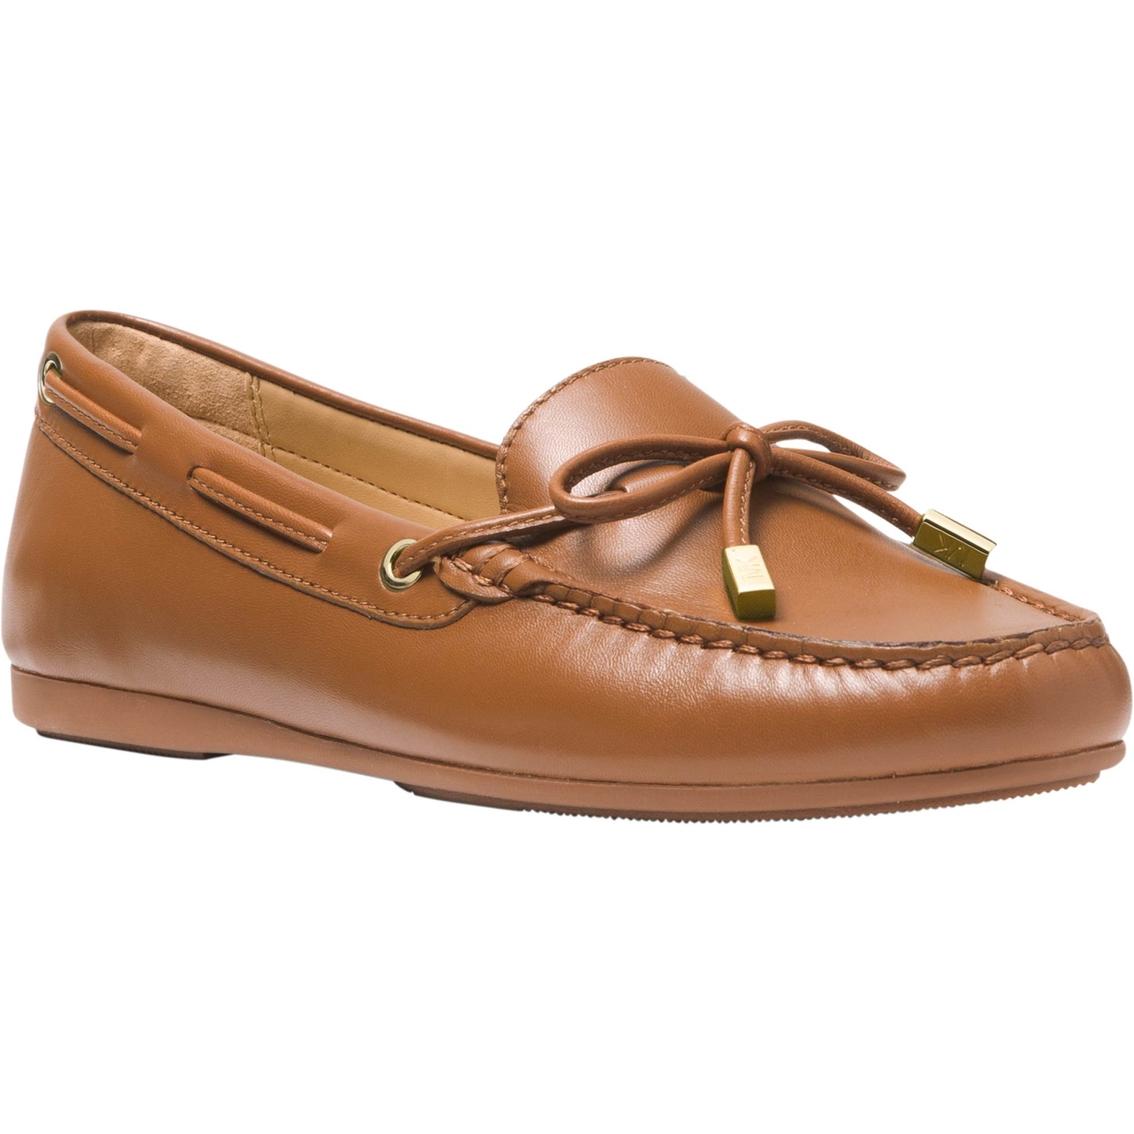 Michael Kors Sutton Moccasin Shoes